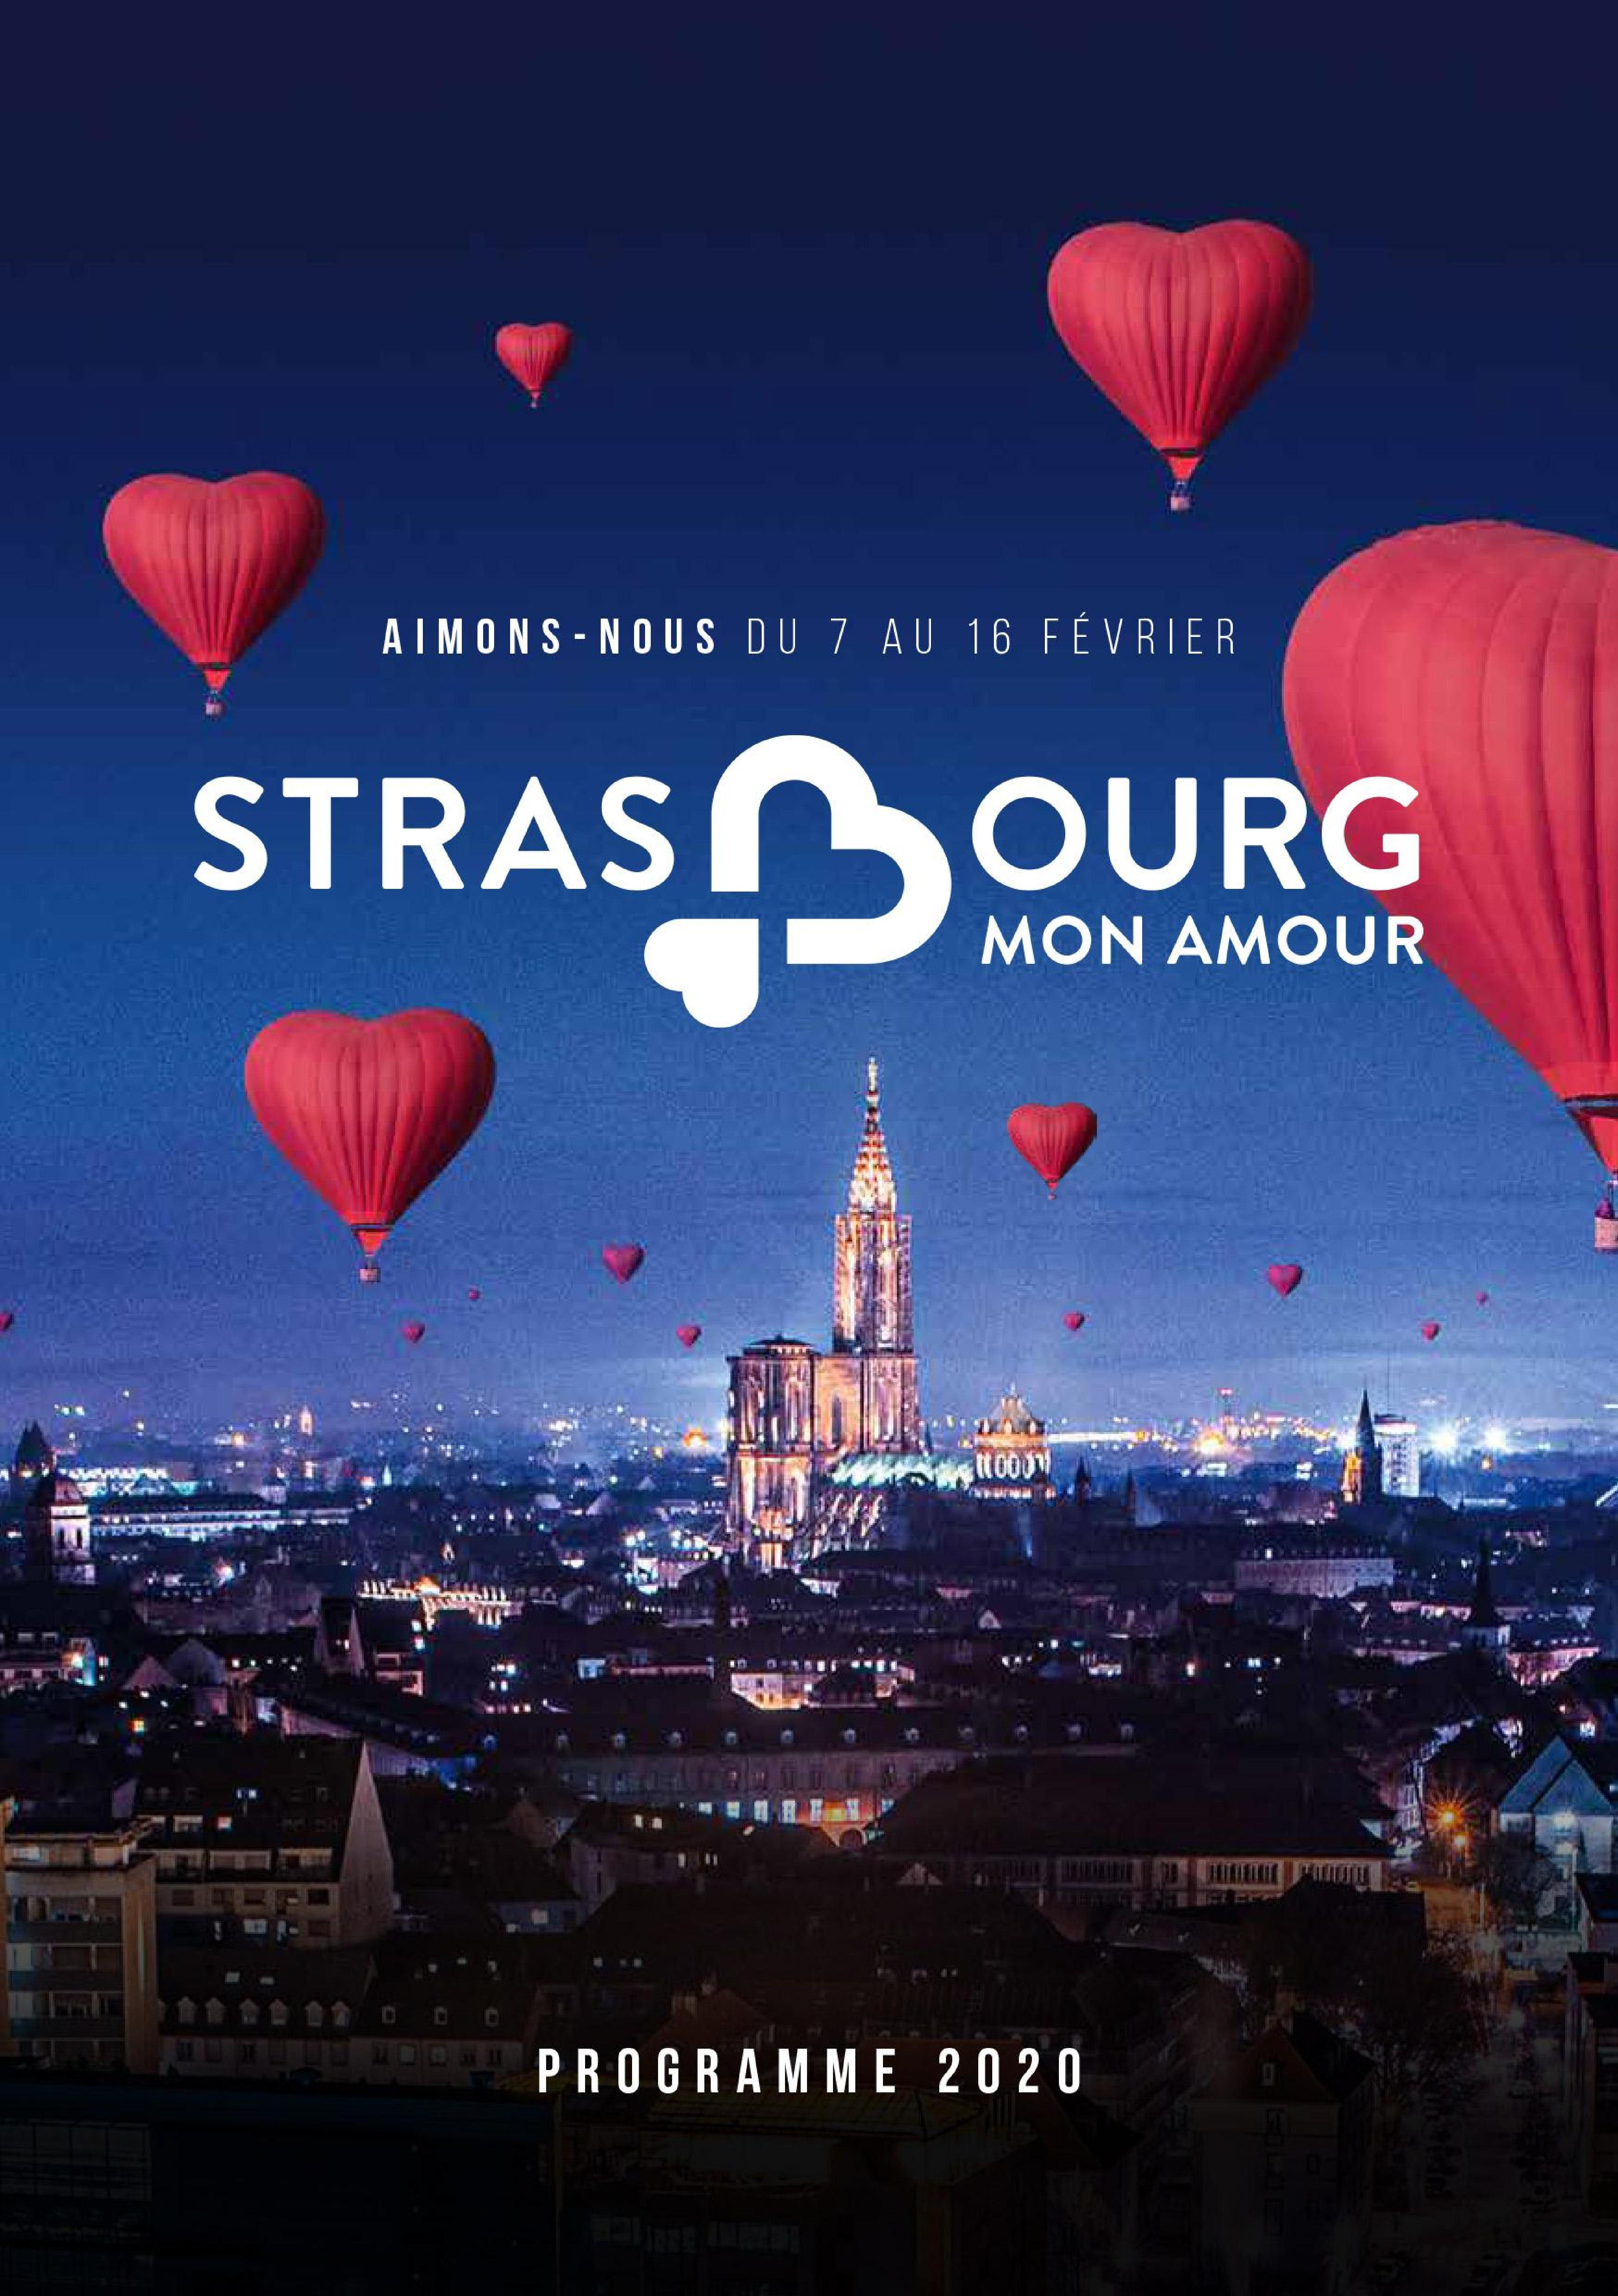 Strasbourg mon Amour Programme 2020